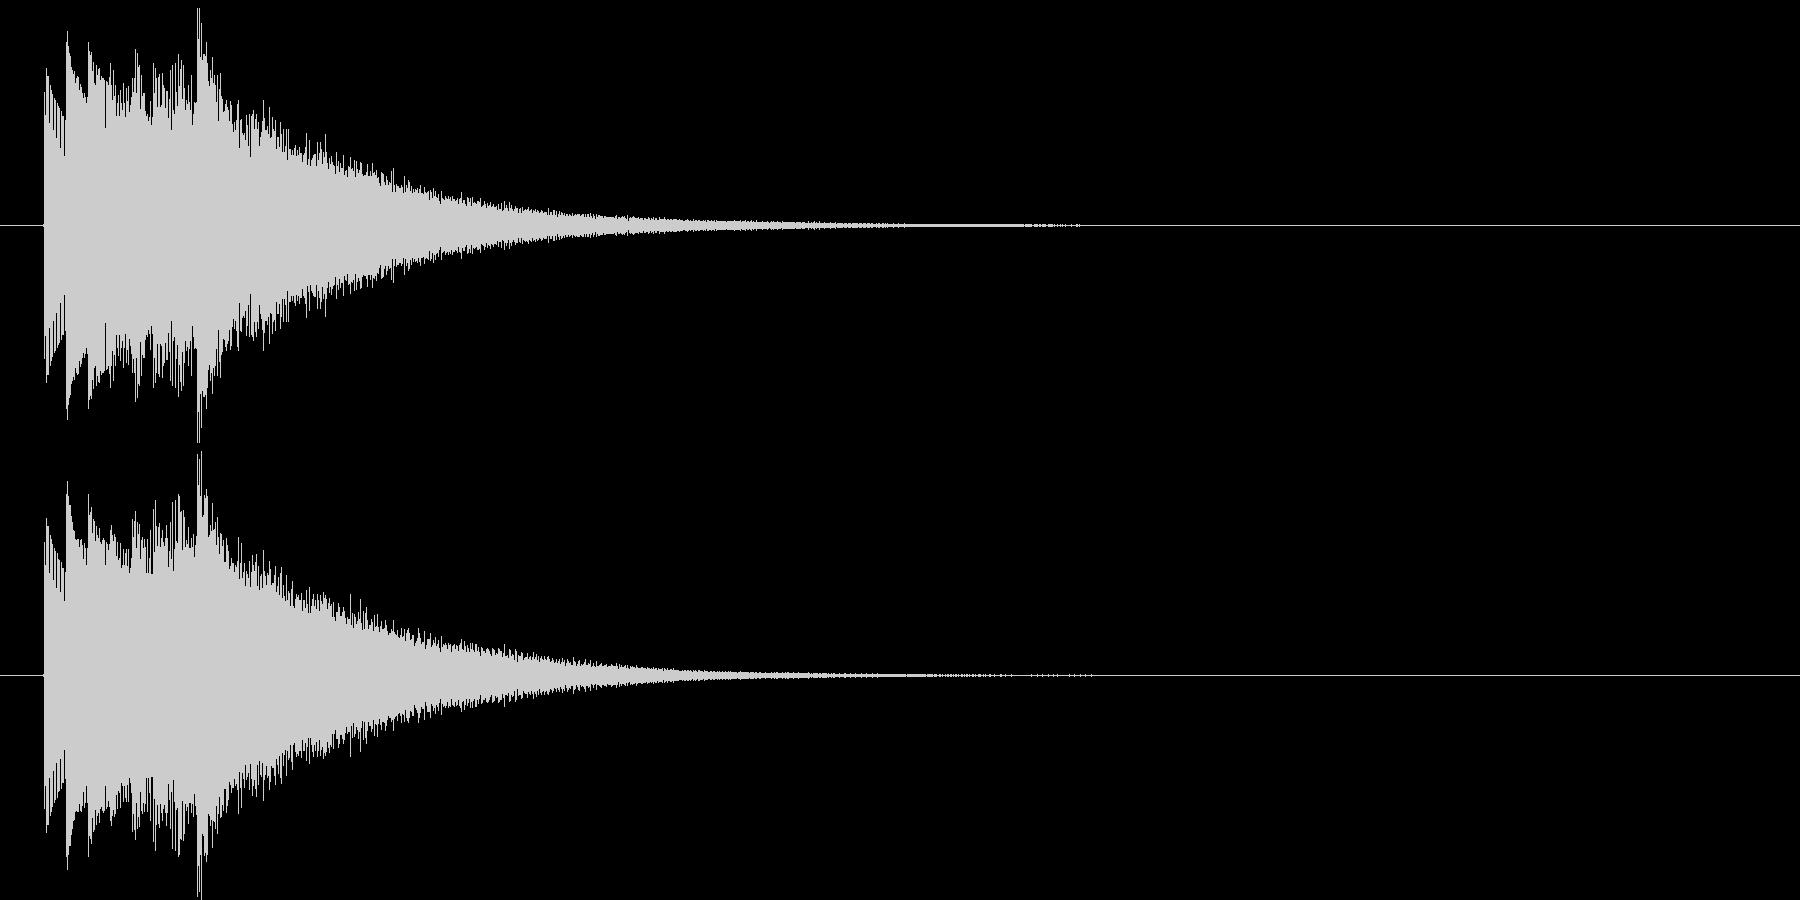 ハープシコード音、正解時などのSEの未再生の波形